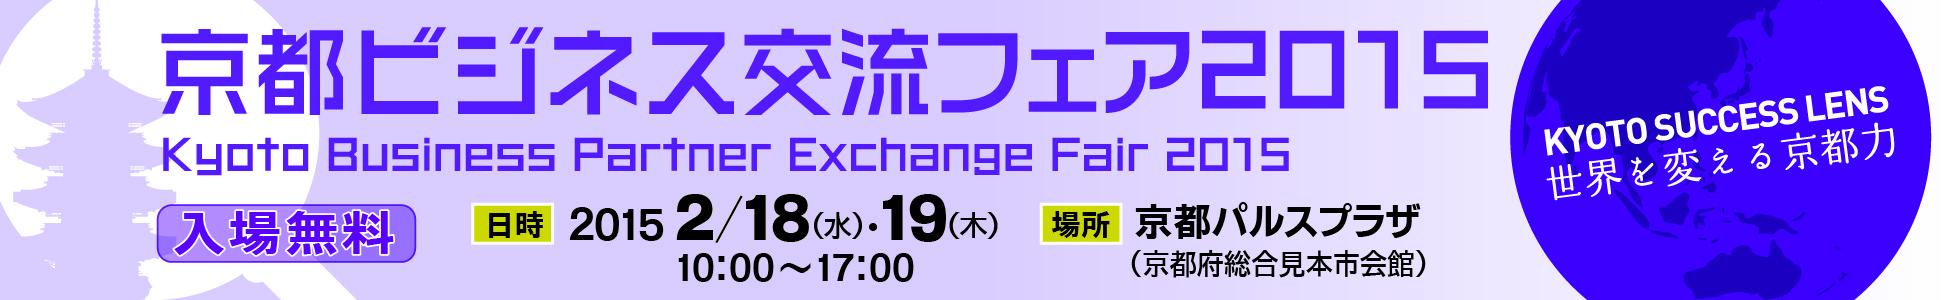 京都ビジネス交流フェア2015,京都展示会,関西展示会